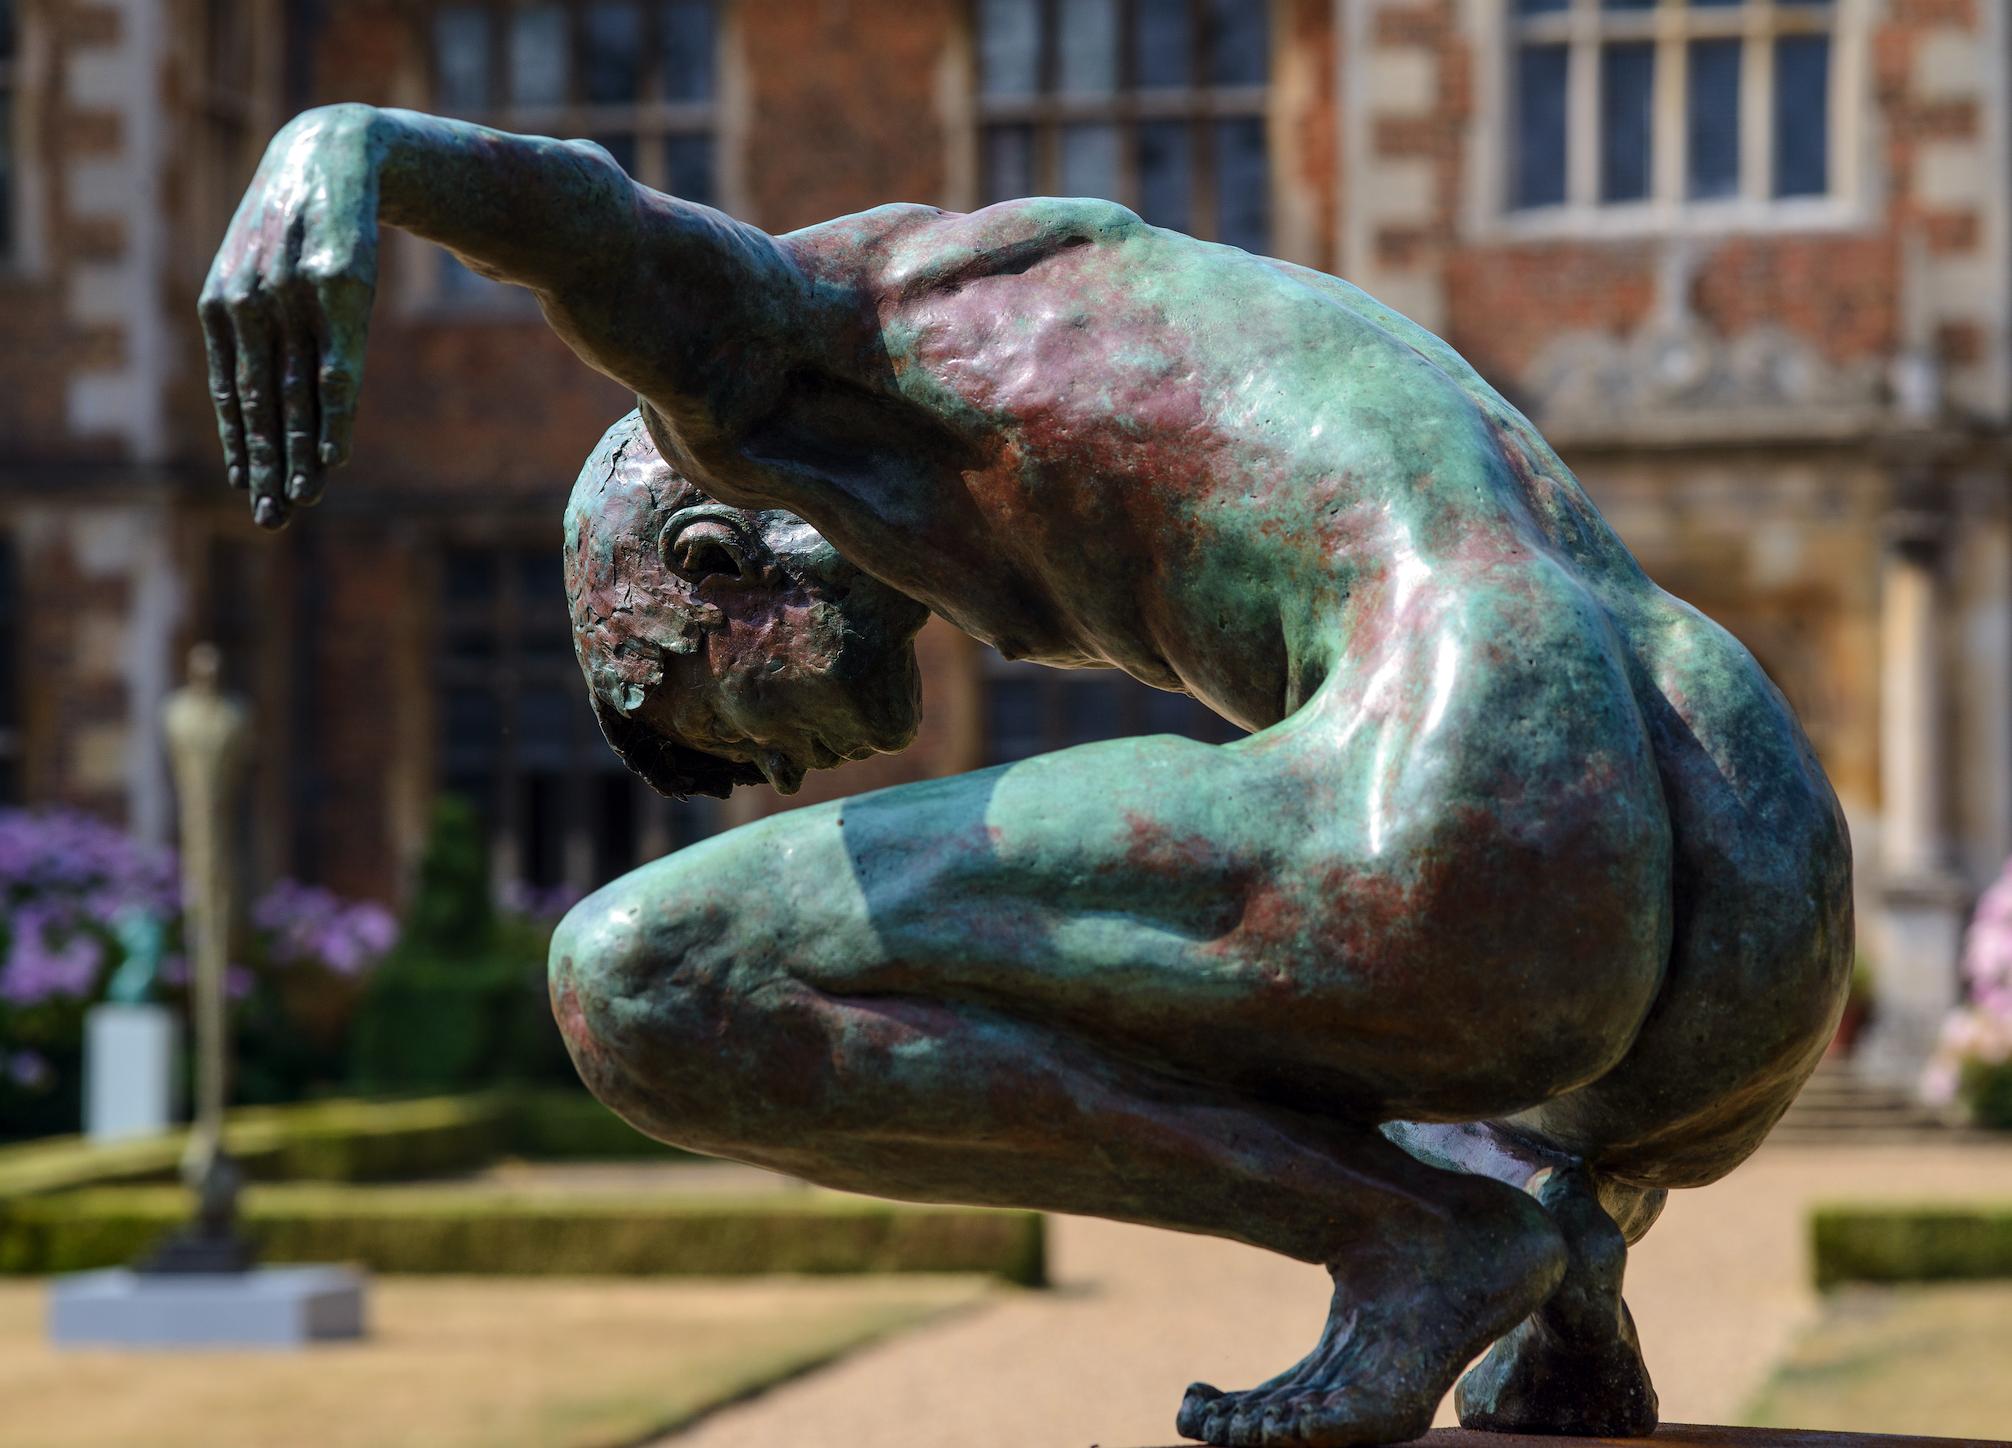 Sculpture Bonze artwork